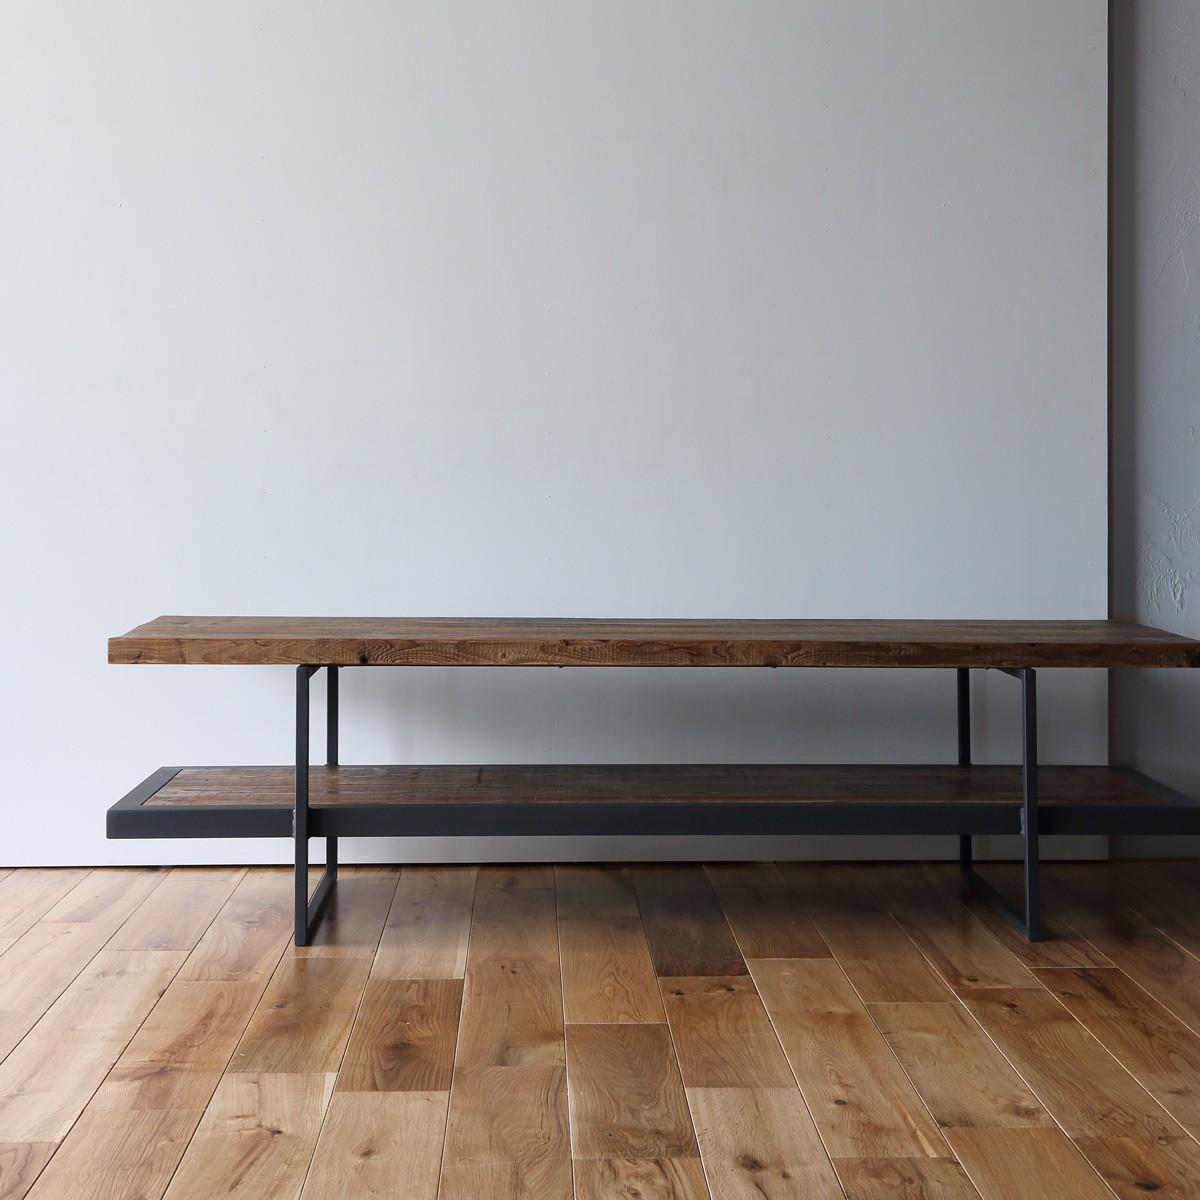 古材を使った家具とインテリアに相性よいリノベーション物件のテレビボード